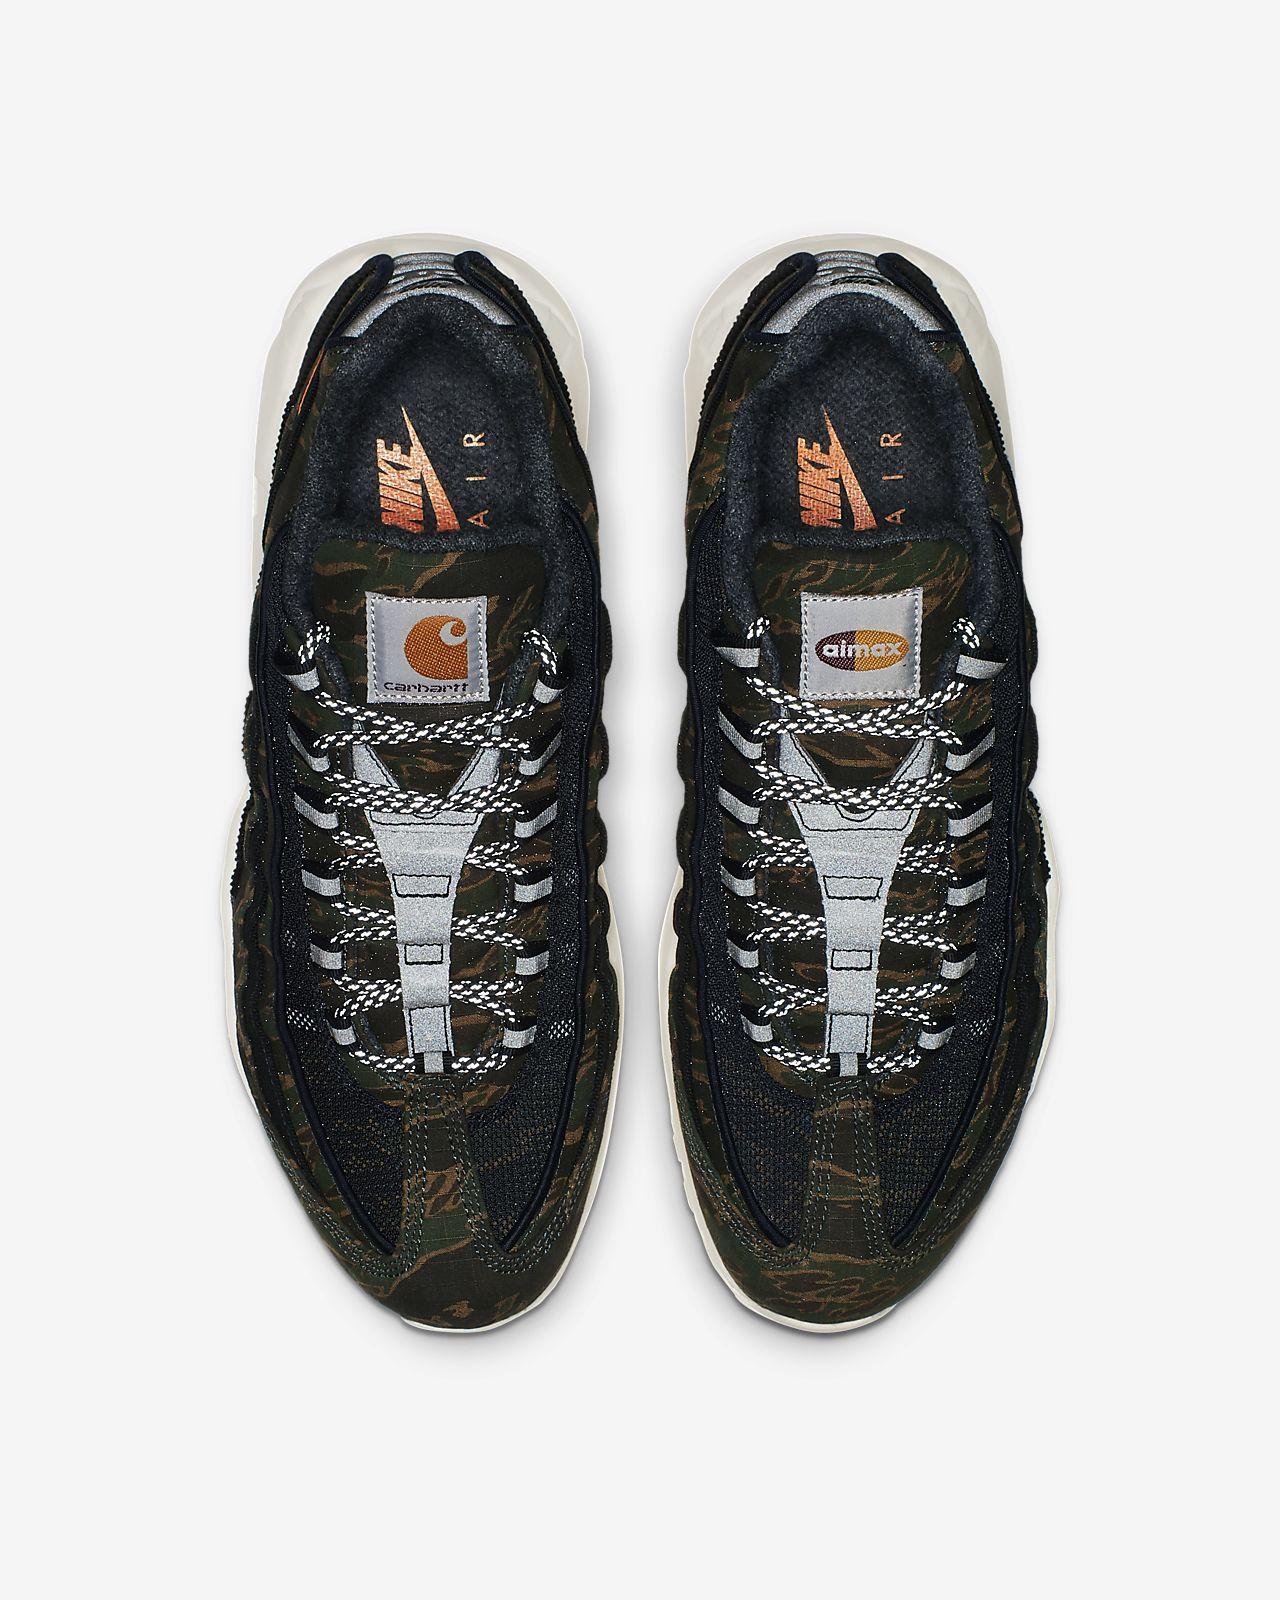 Carhartt Nike Air Max 95 AV3866 001 Release Info